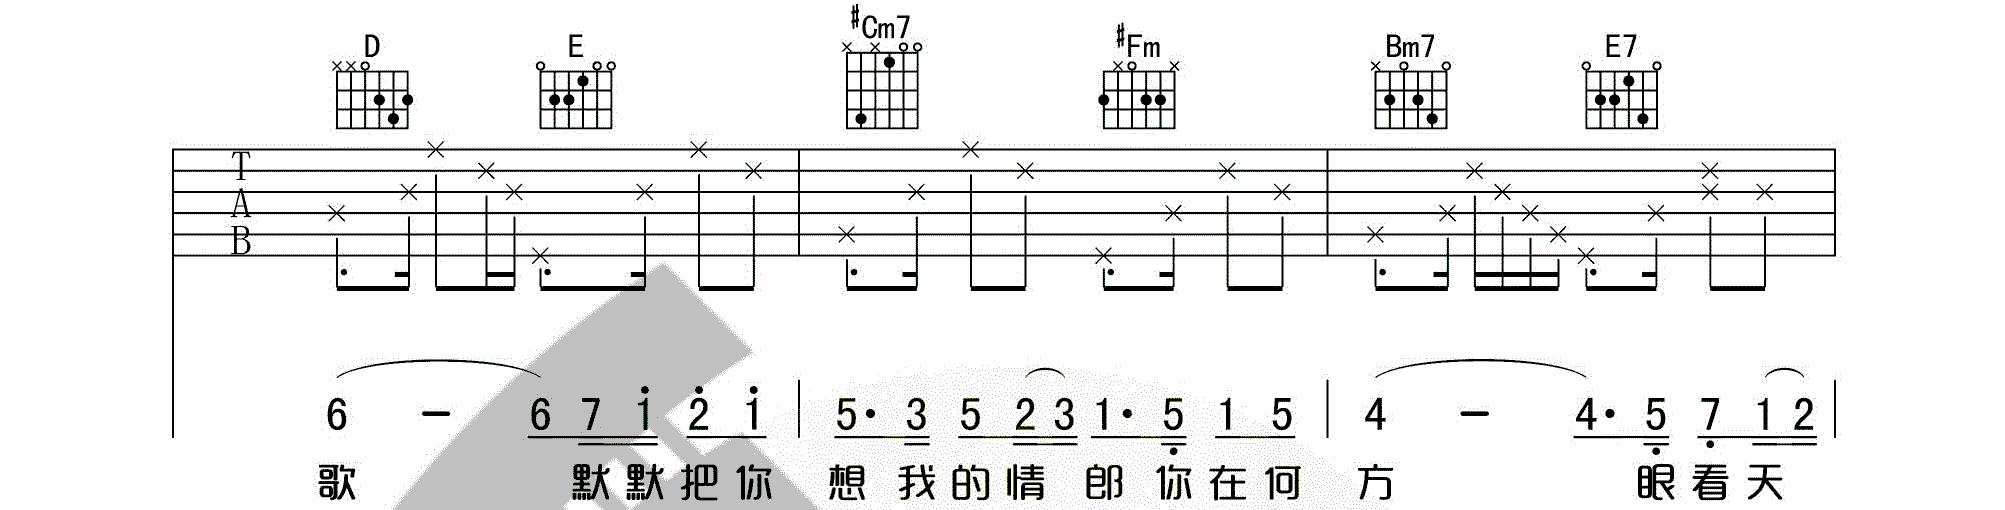 我要你(《驴得水》主题曲 任素汐 老狼) - 吉他